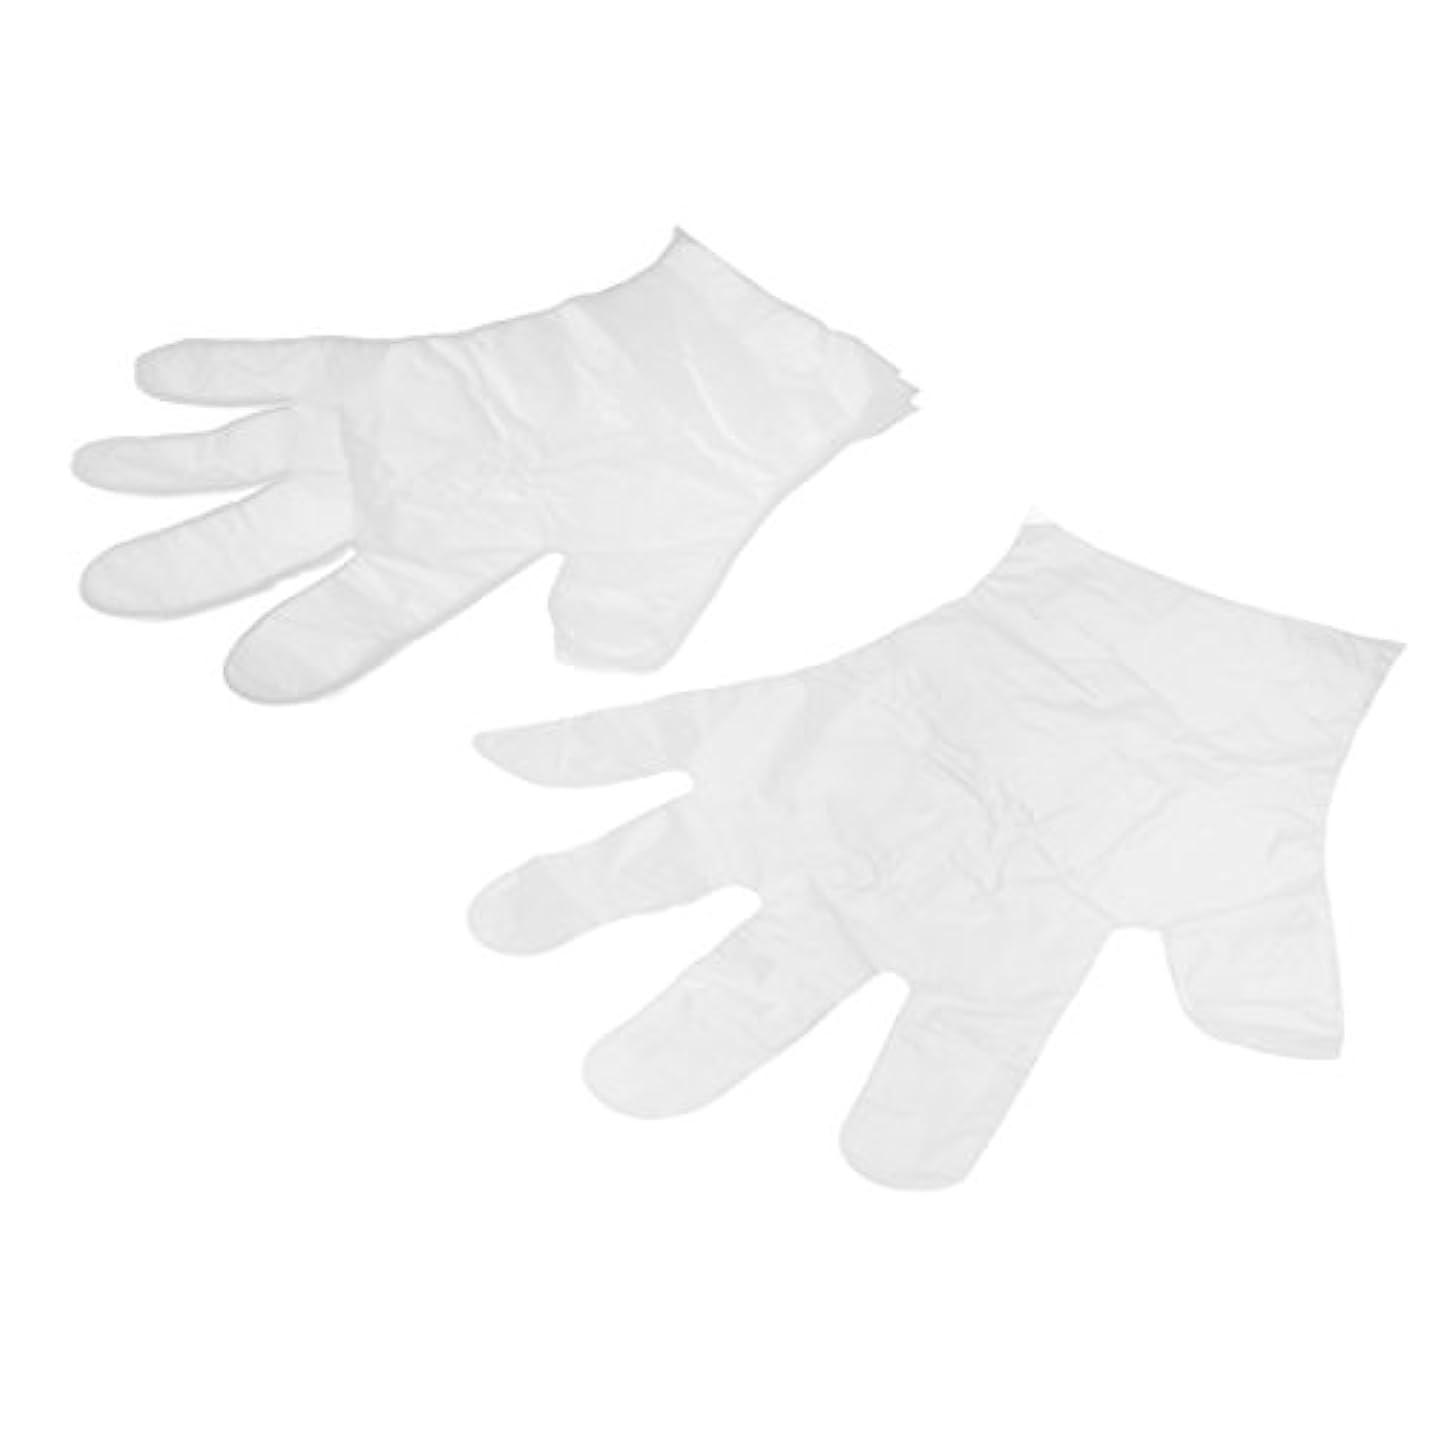 ゲインセイ適切に債務uxcell 使い捨て手袋 家庭用 食べ物サービス 手の保護 透明 プラスチック 28 x 20cm 25ペア入り